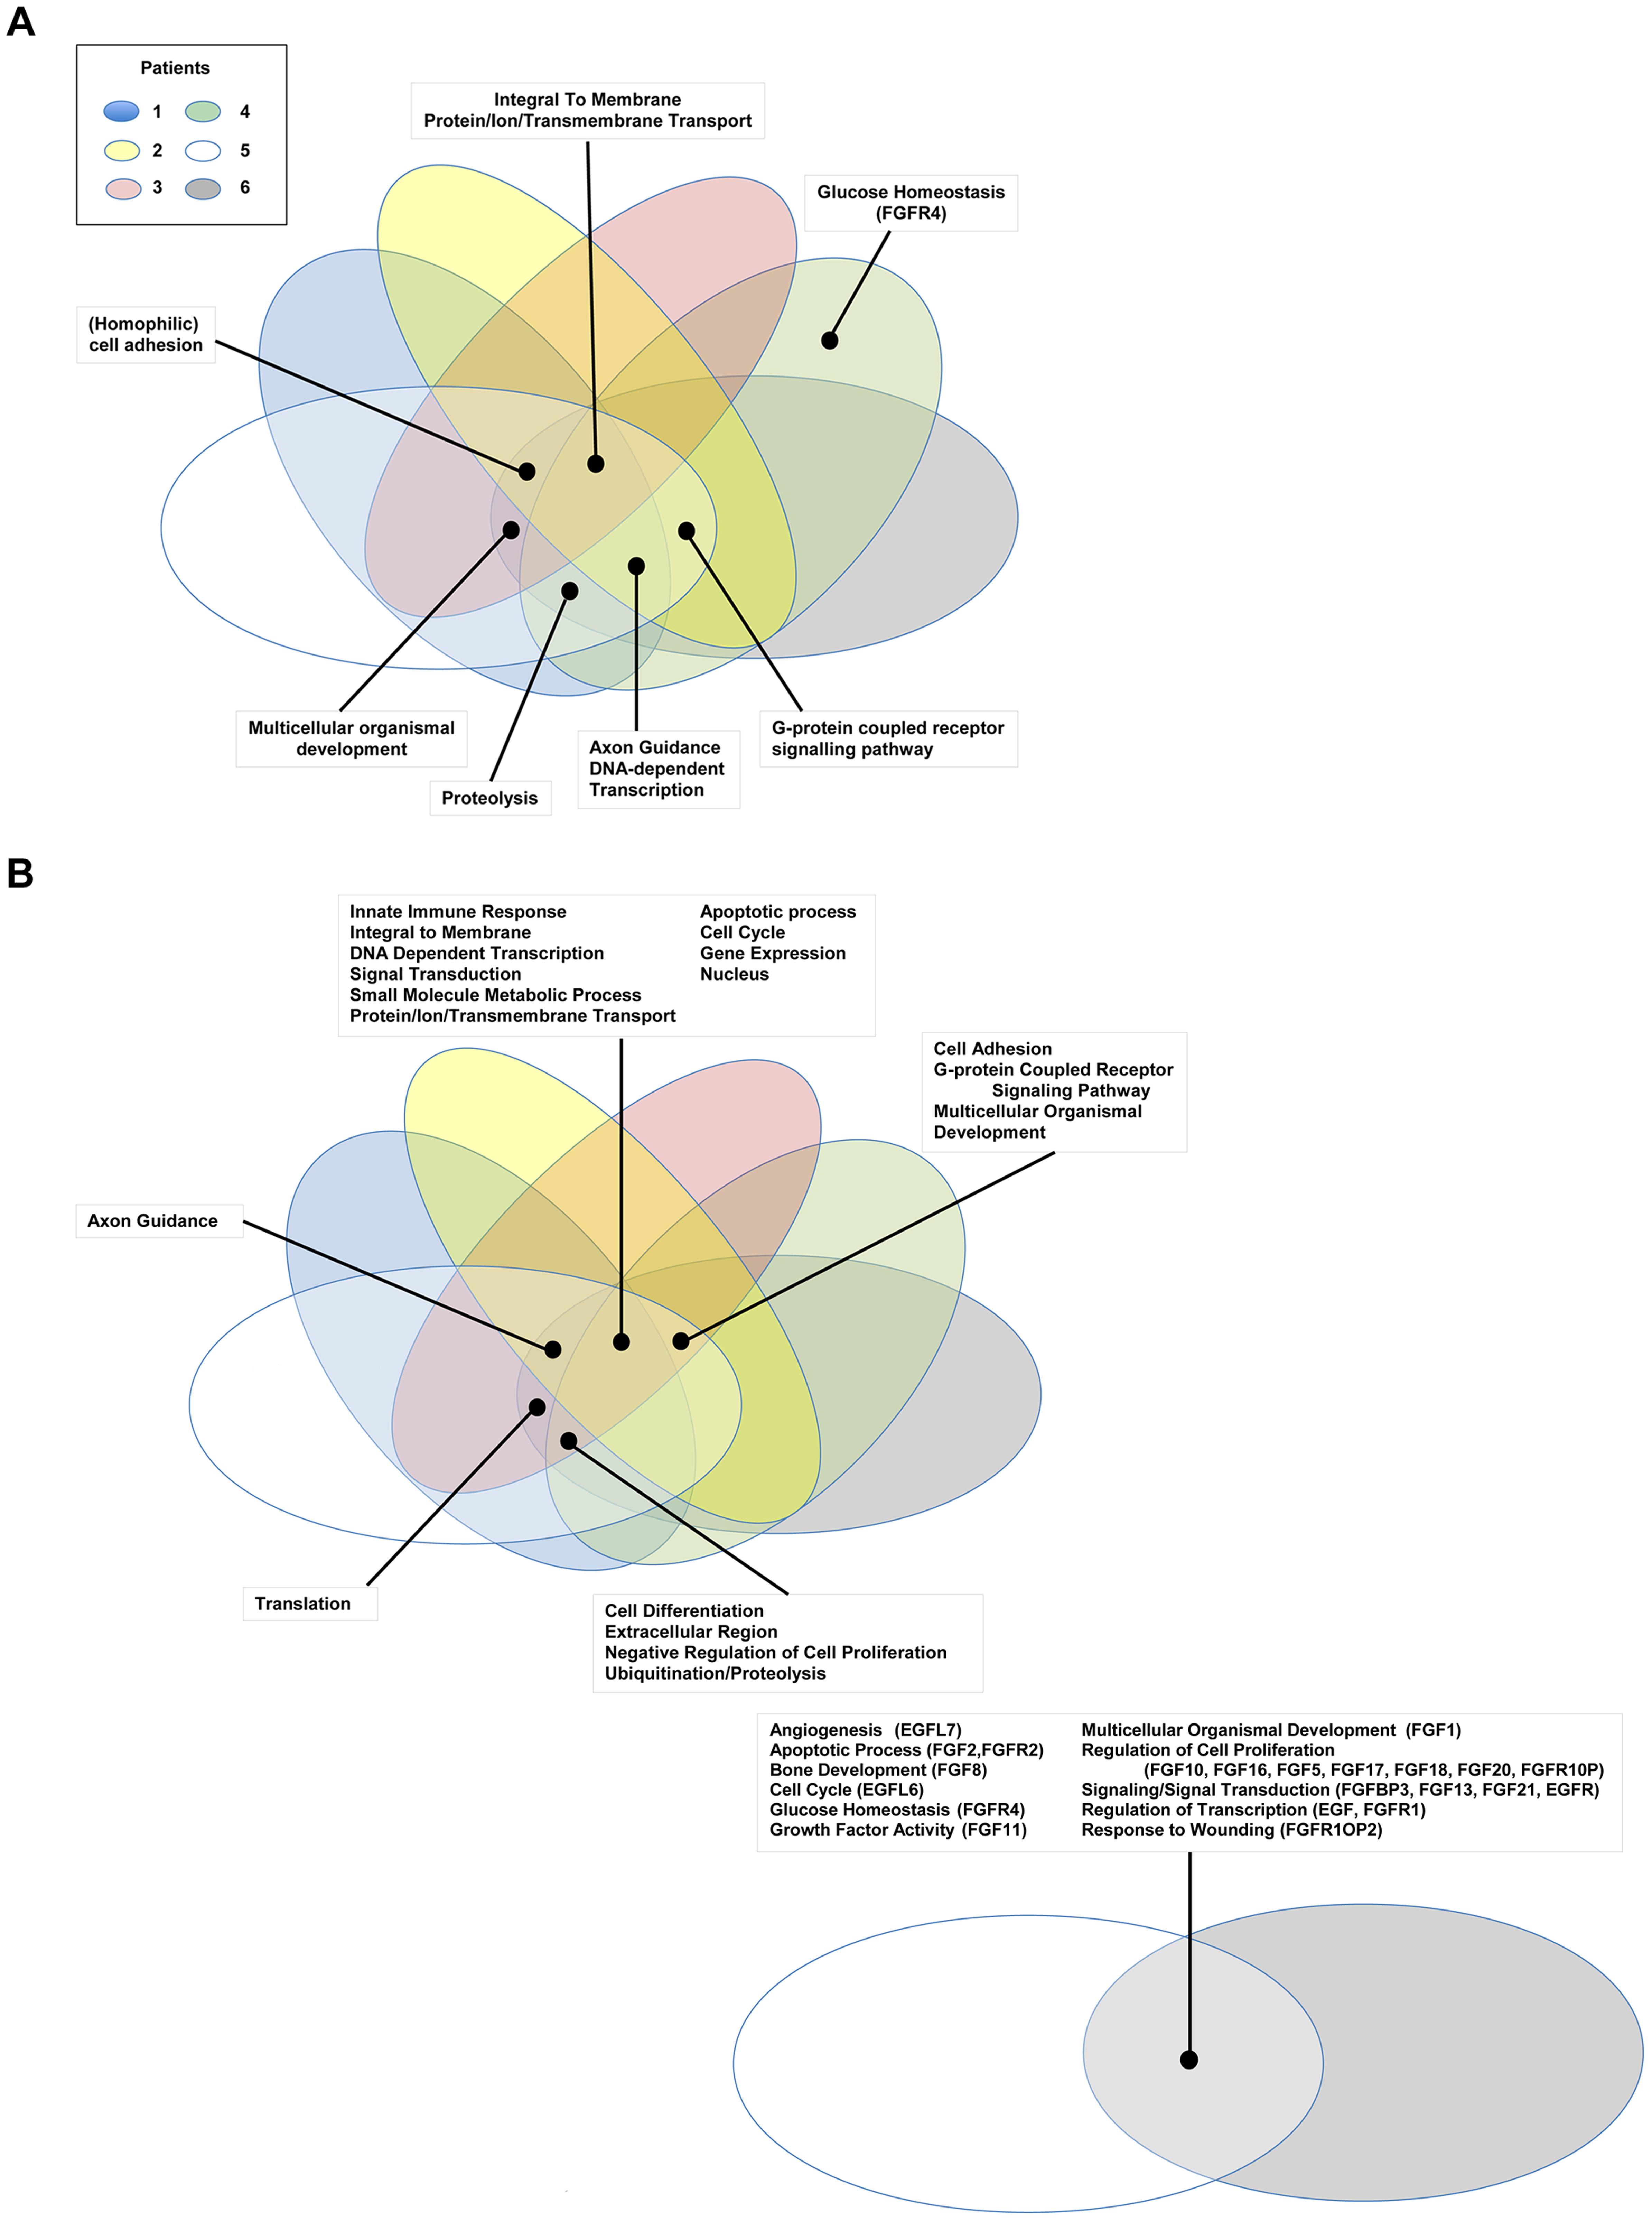 Gene Ontology pathway analysis.